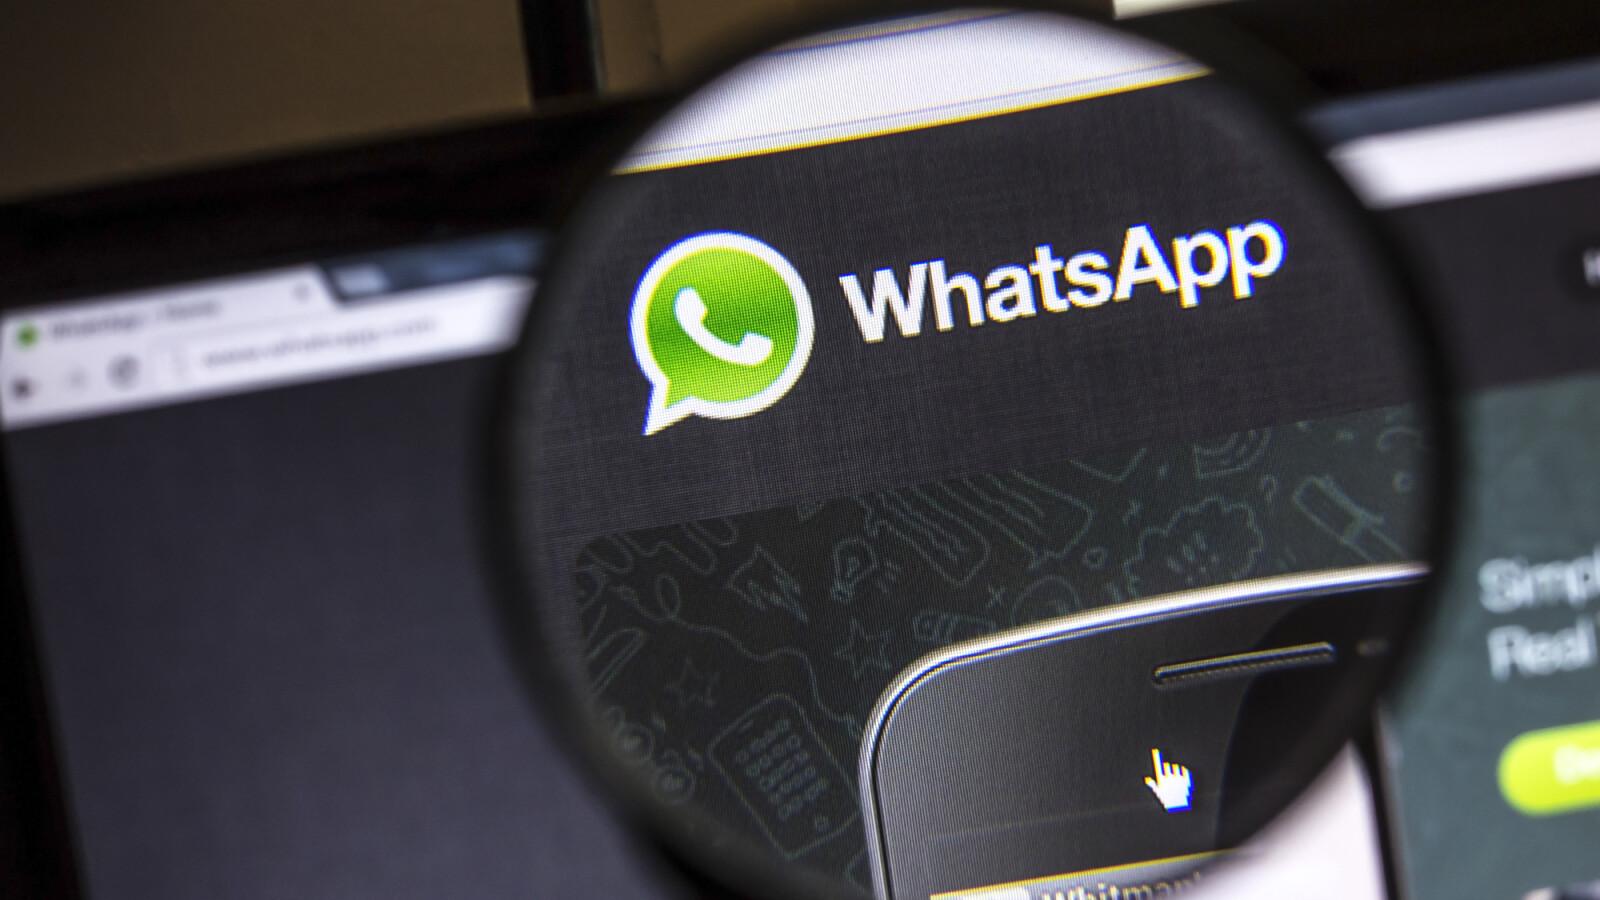 WhatsApp: Polizei warnt vor neuer Betrugsmasche - NETZWELT